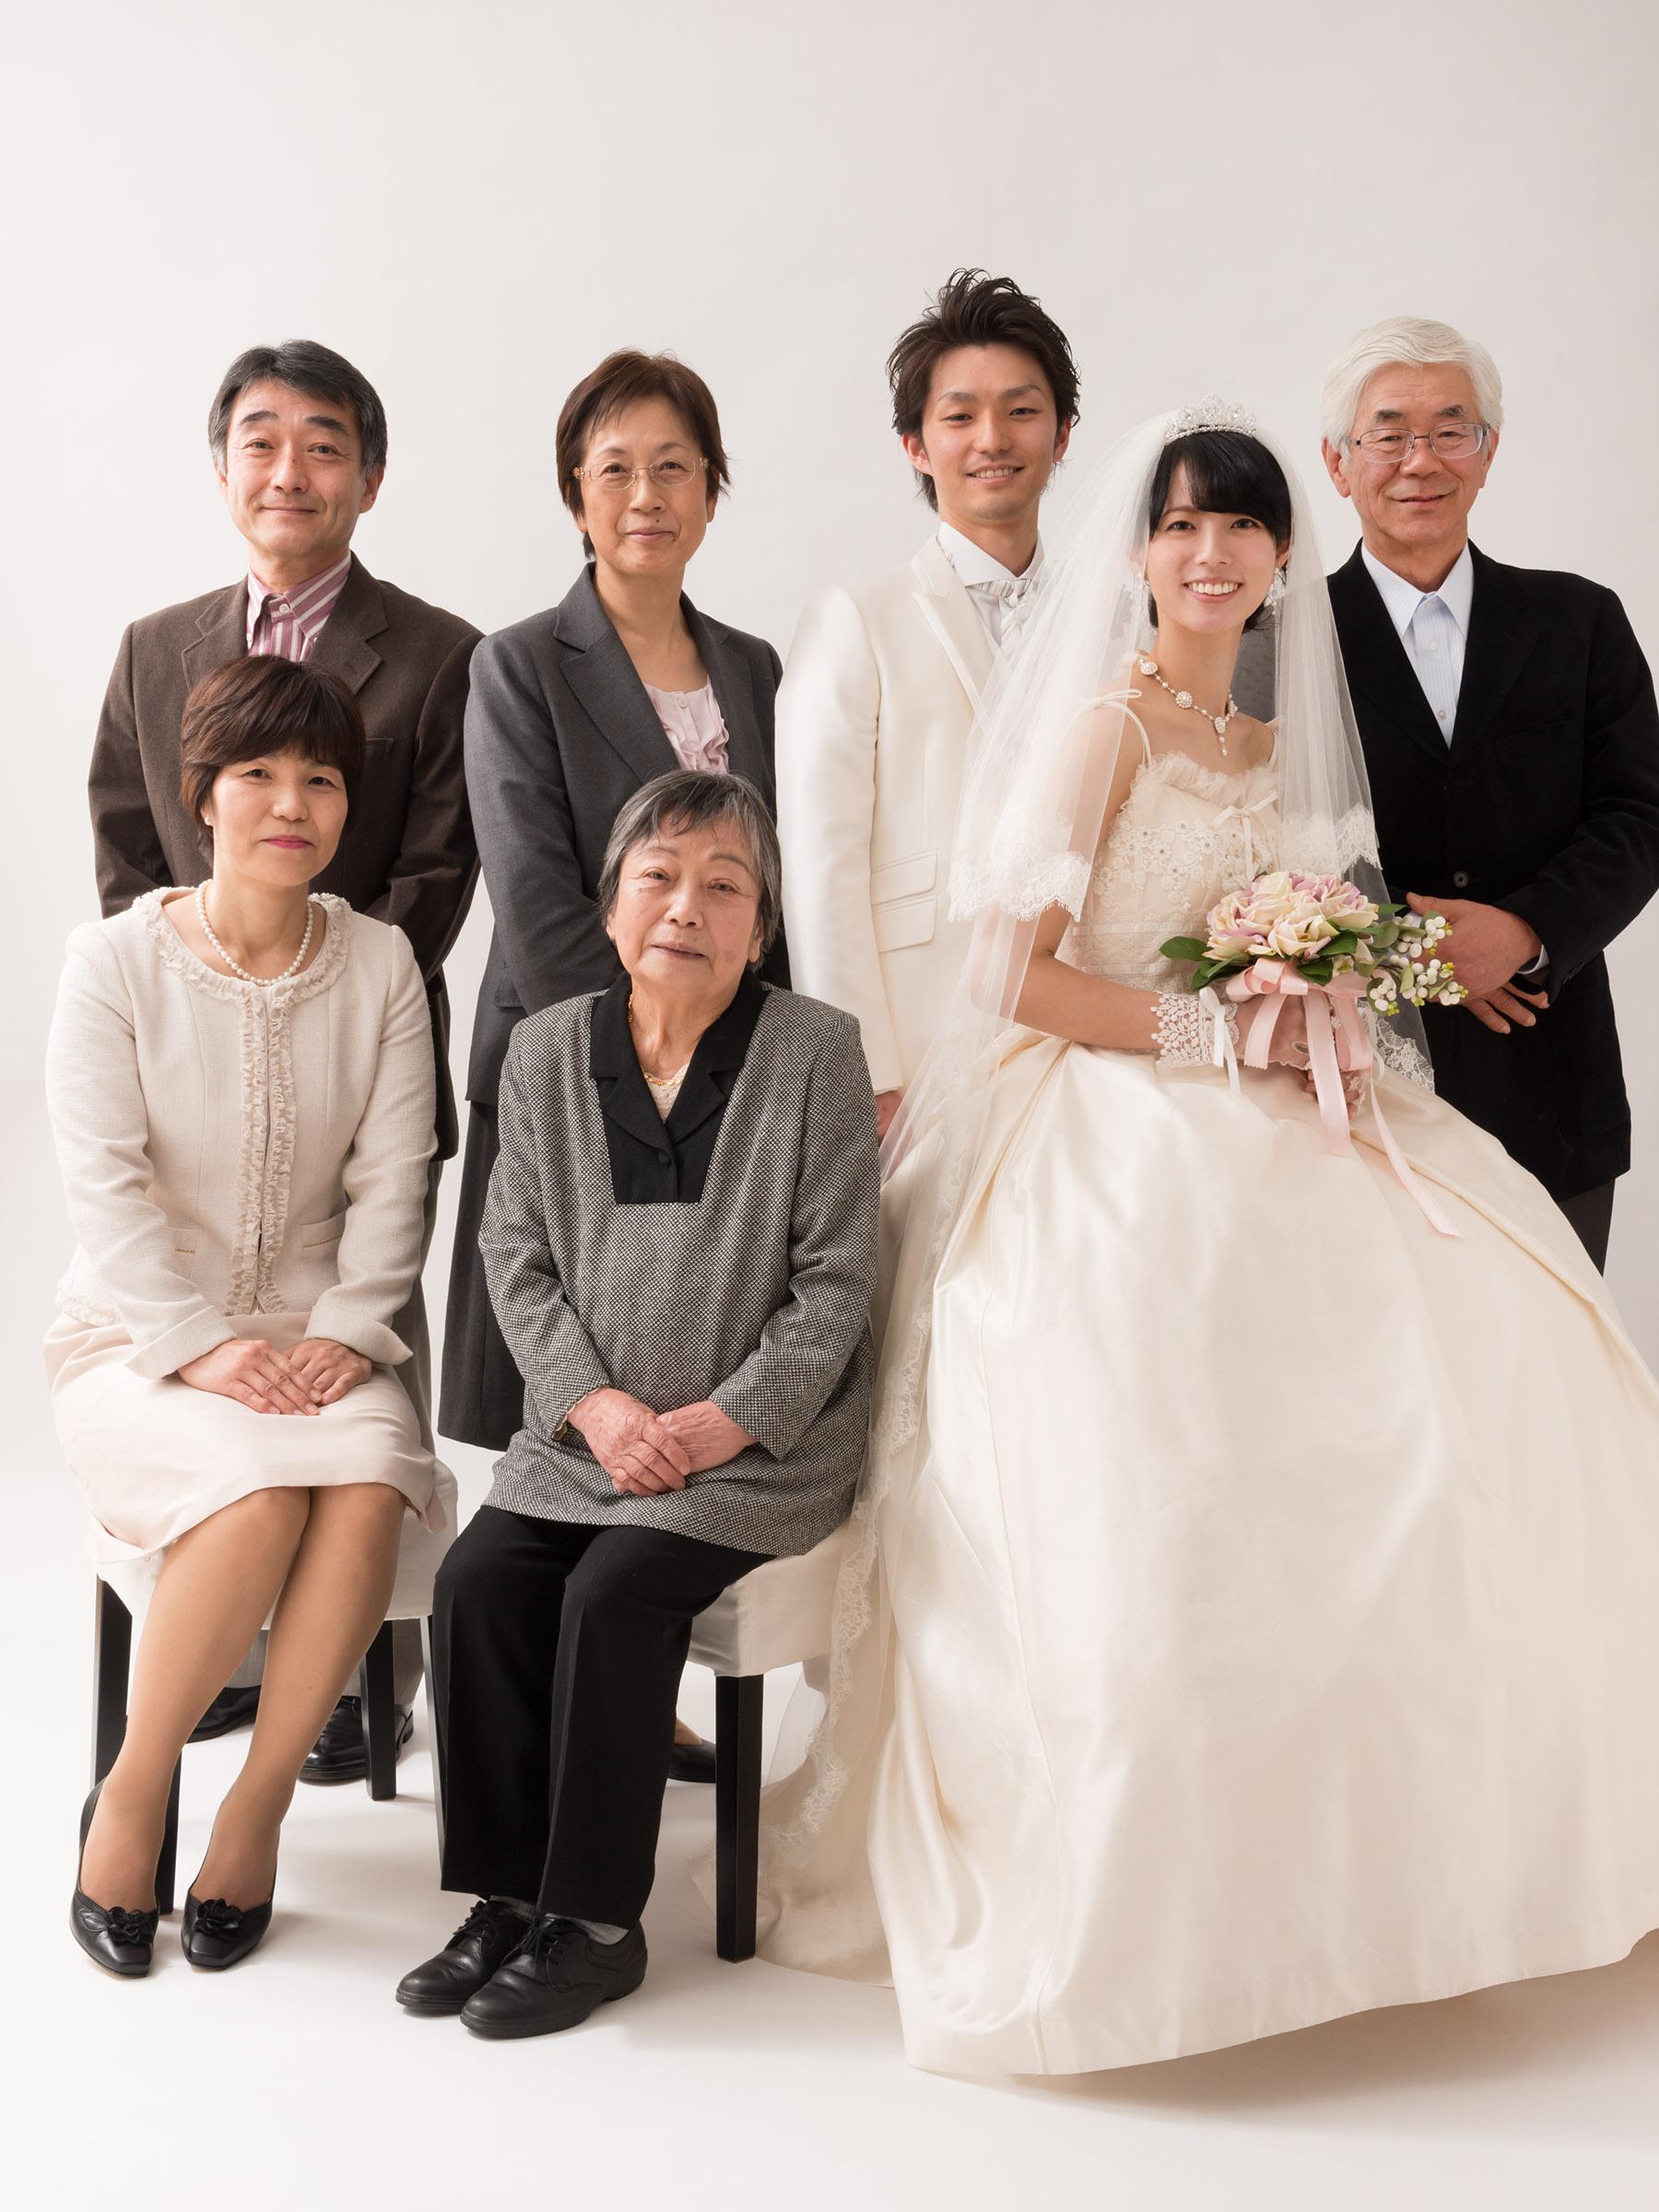 ドレスマニアブログ 家族 ウェディング写真 ポートレート